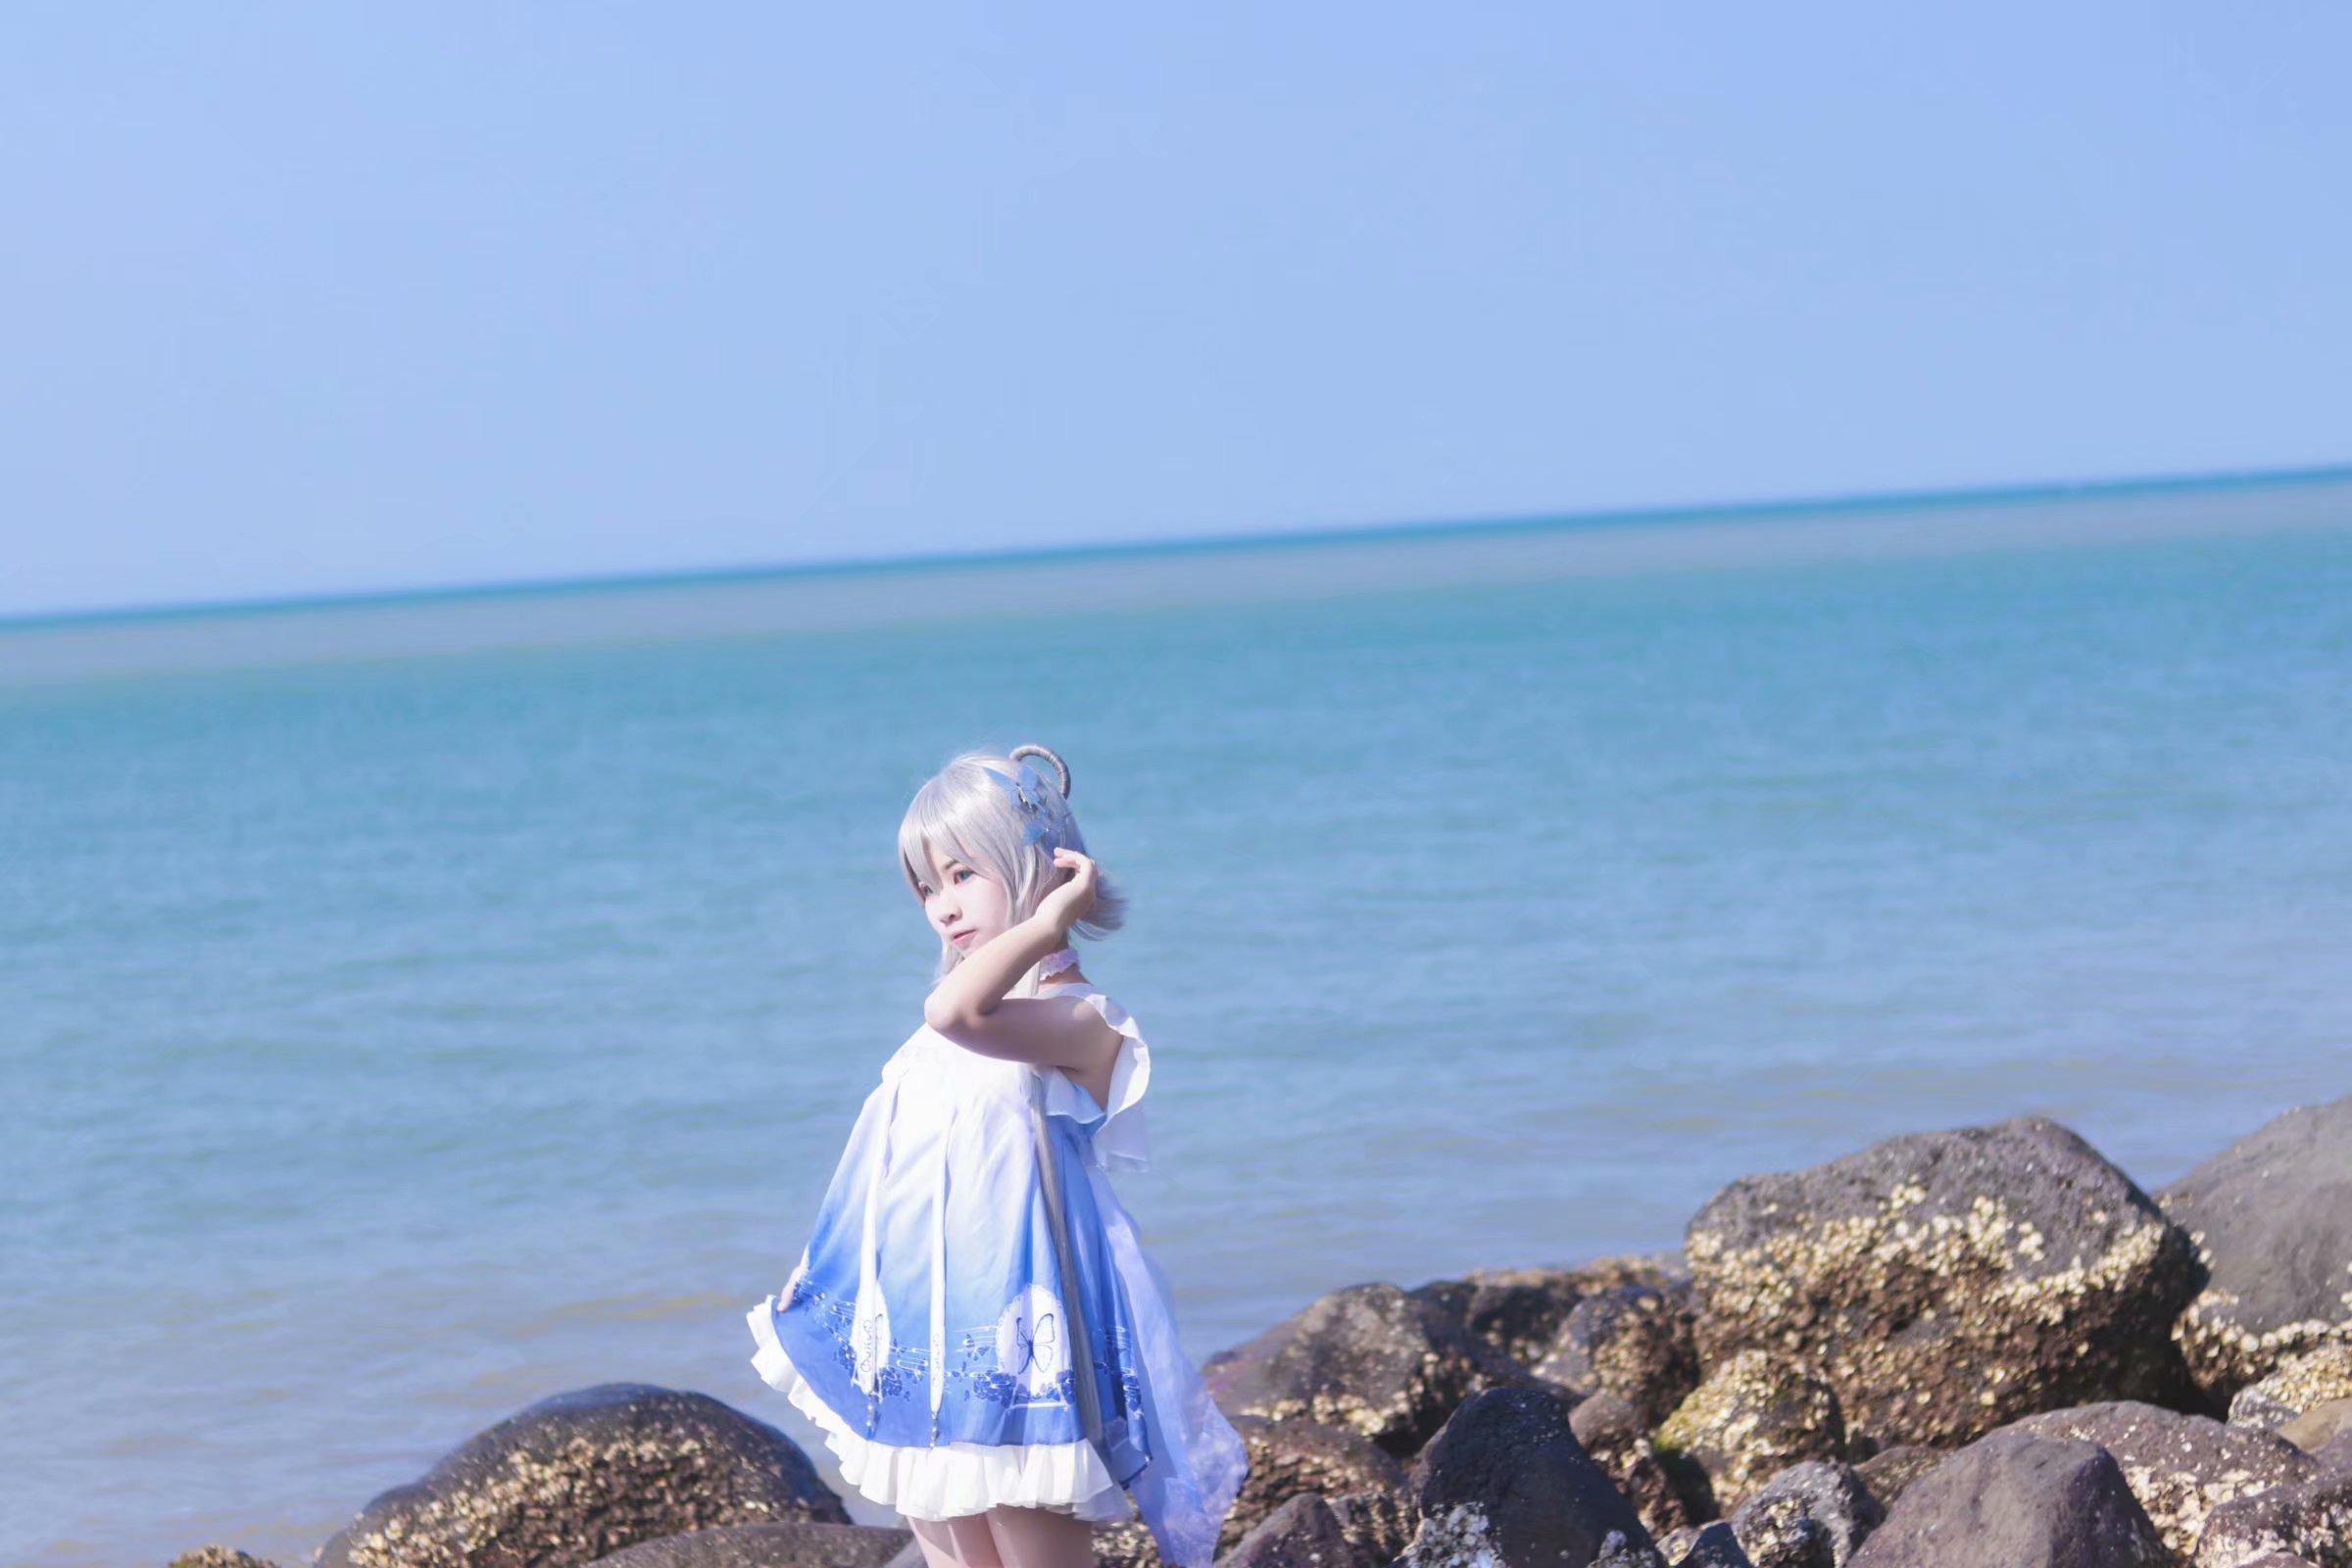 美女cosplay【CN:墨月月月】-第8张